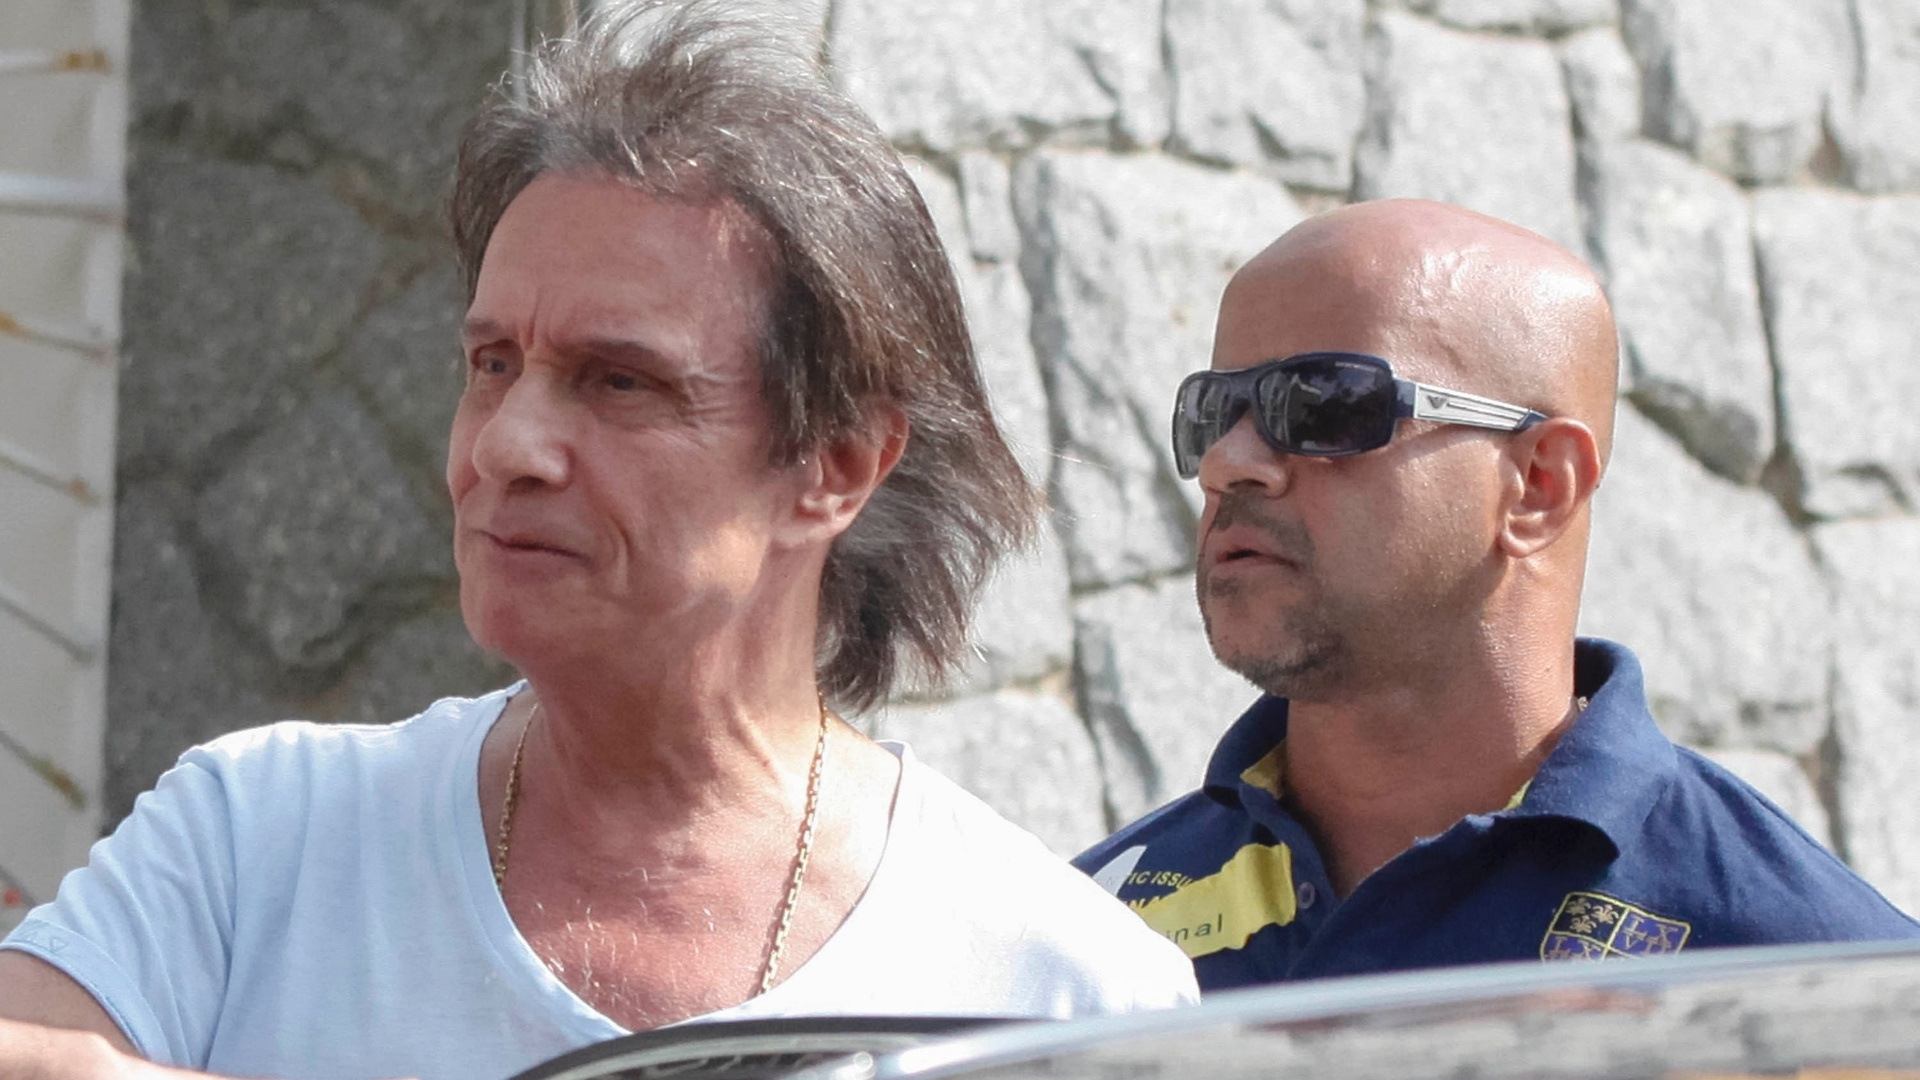 26.out.2014 - Roberto Carlos foi cercado por fãs a caminho de sua seção eleitoral, no Rio de Janeiro. Ele também foi abordado por um sósia no local